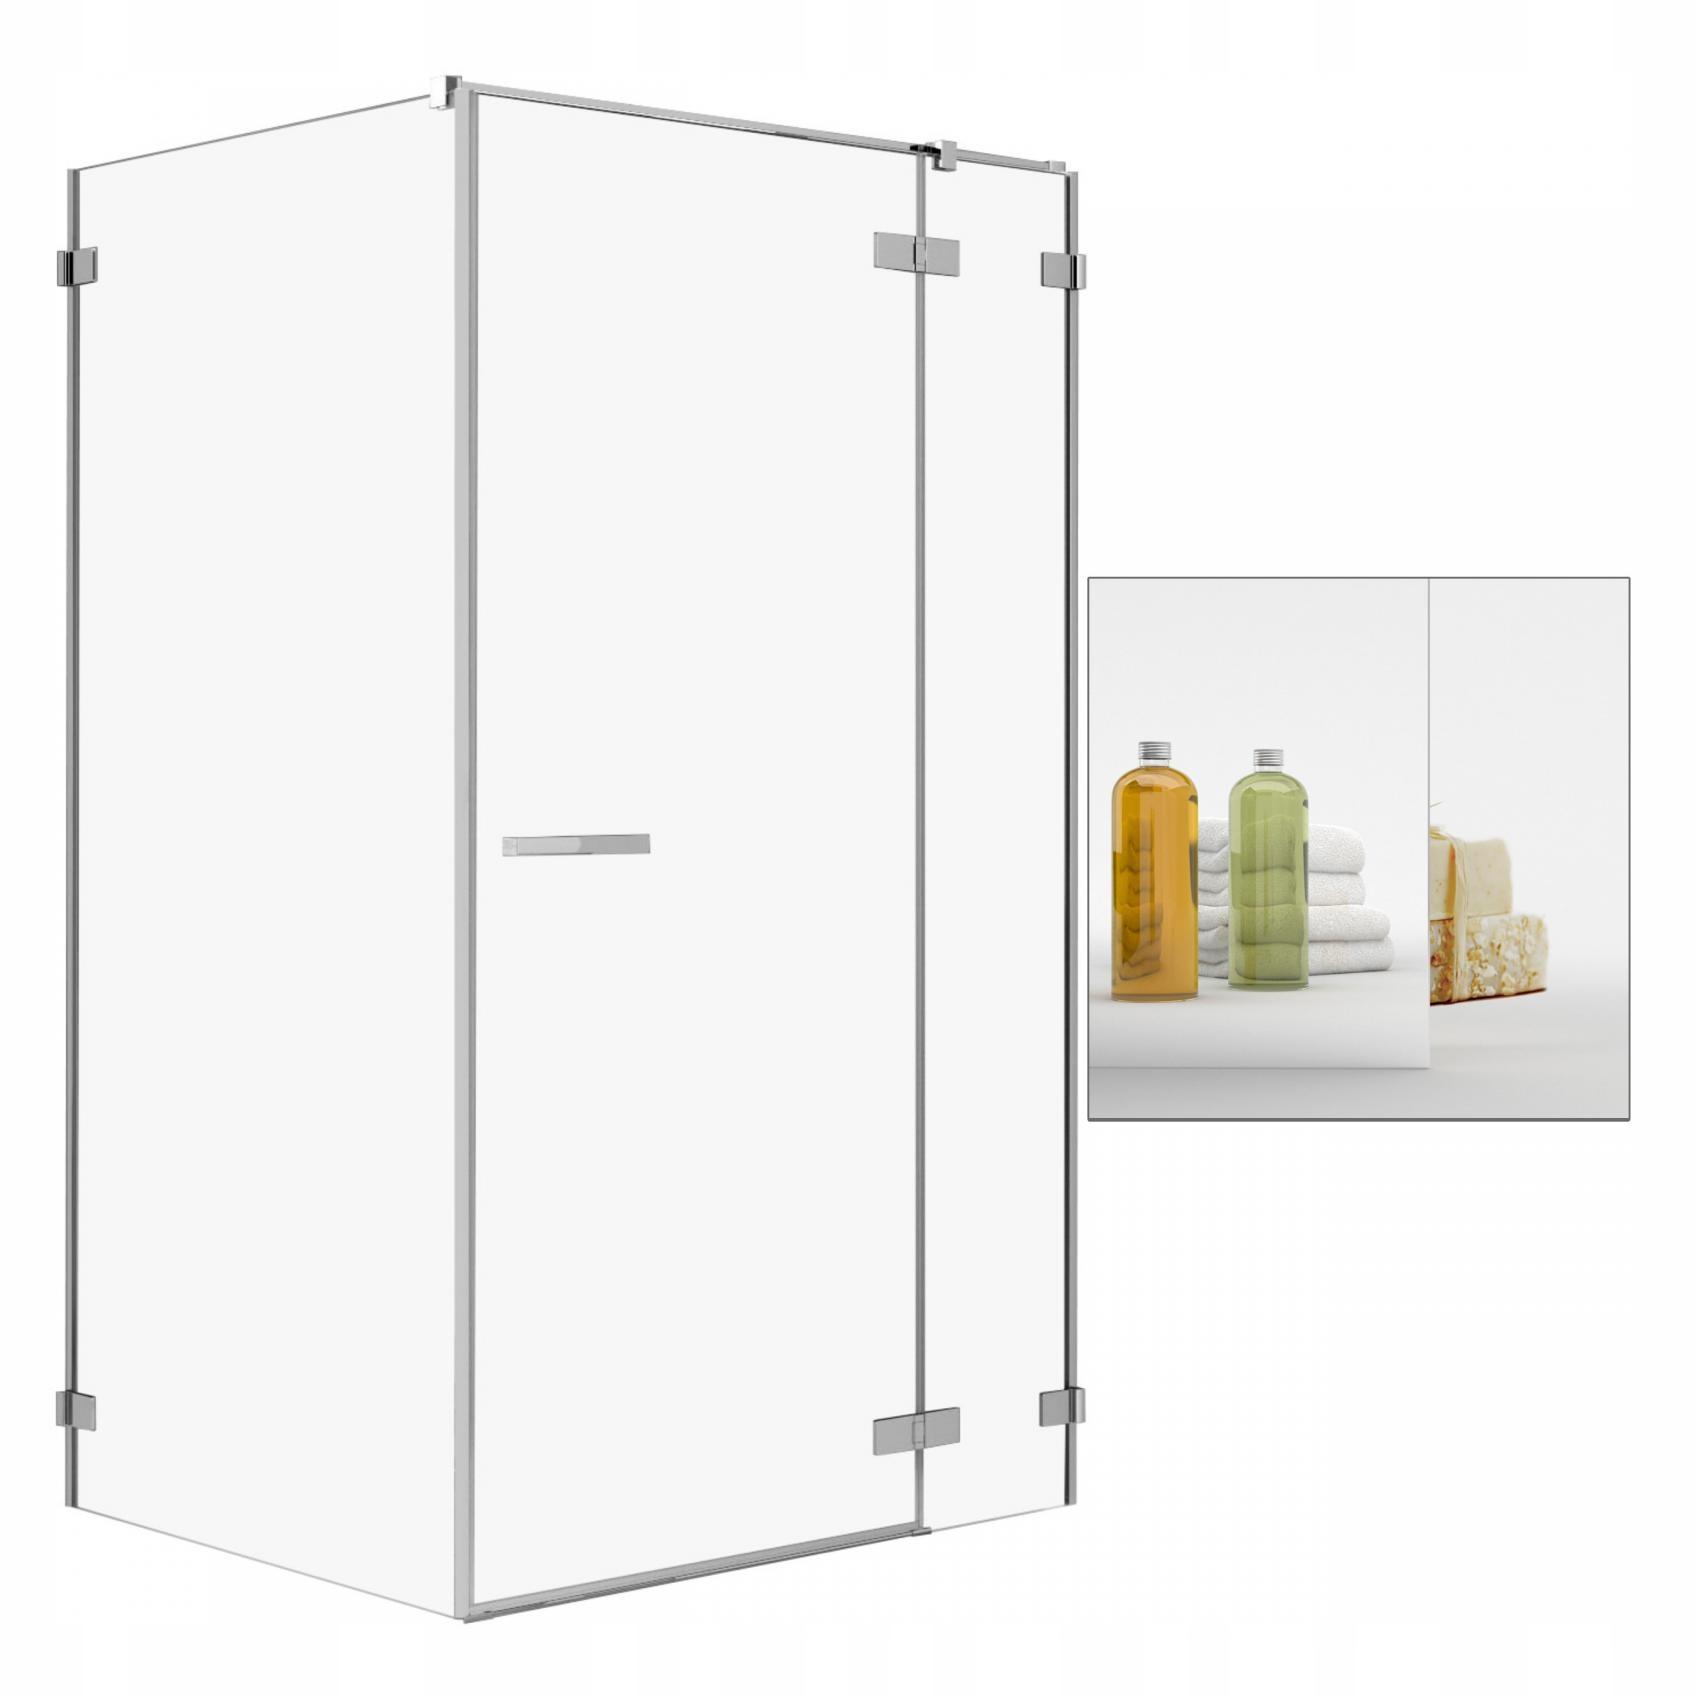 Sprcha Umenie KDJ II 140x120 P zrkadlo